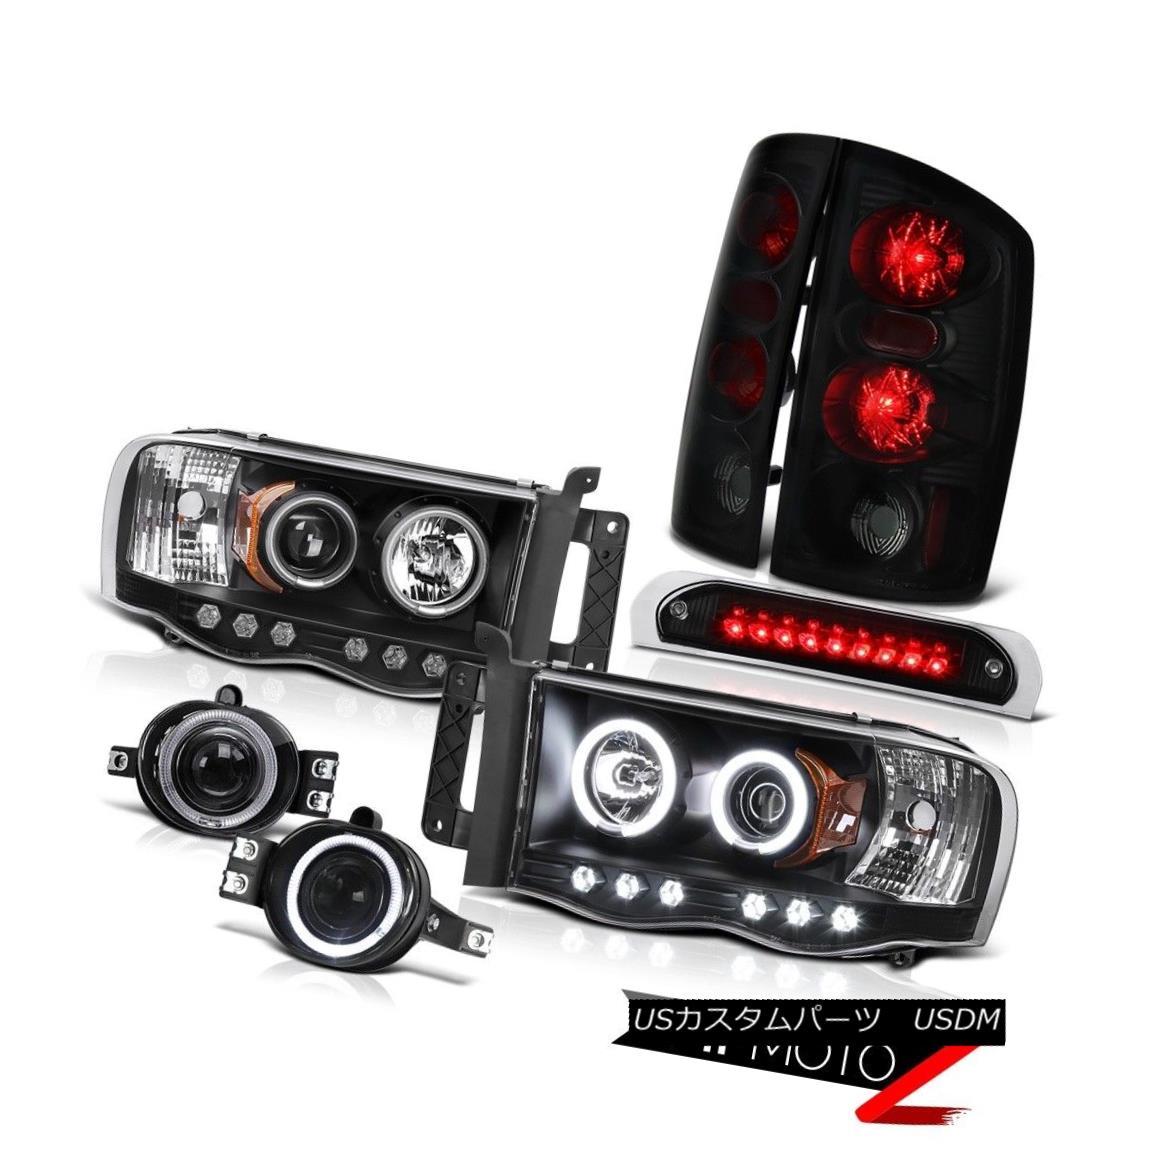 テールライト 2002-2005 Ram V8 Angel Eye CCFL Headlamps Rear Light Projector Fog 3rd Cargo LED 2002-2005 Ram V8 Angel Eye CCFLヘッドランプリアライトプロジェクターフォグ第3貨物LED